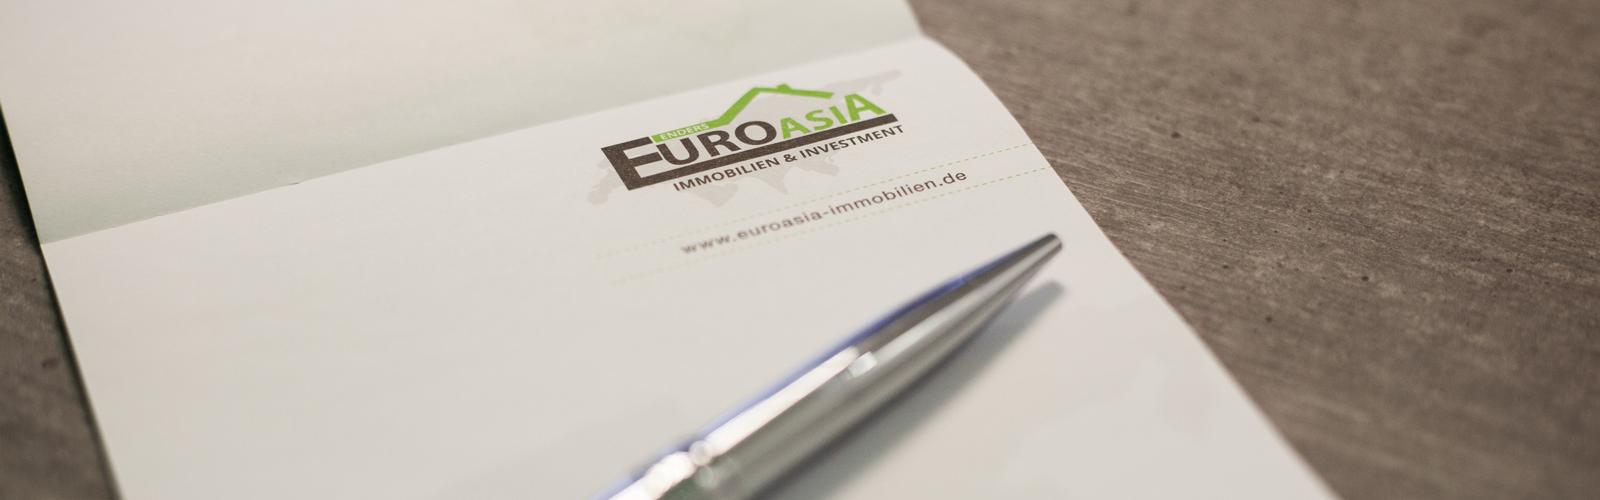 ERDIKICI EuroAsia Immobilien